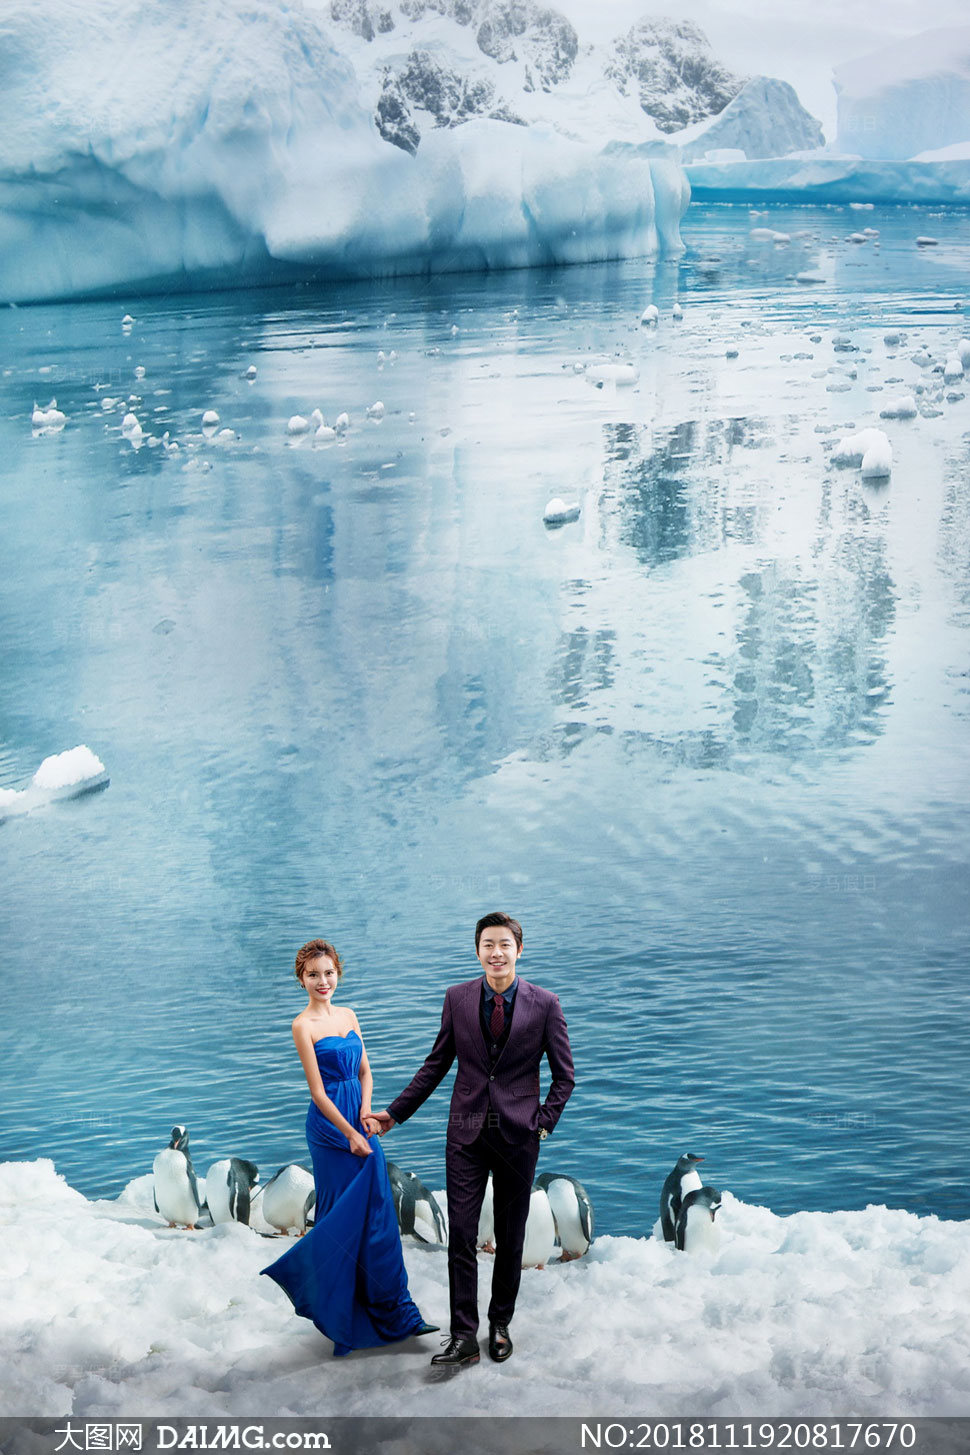 冰山与可爱的企鹅主题抠图背景模板